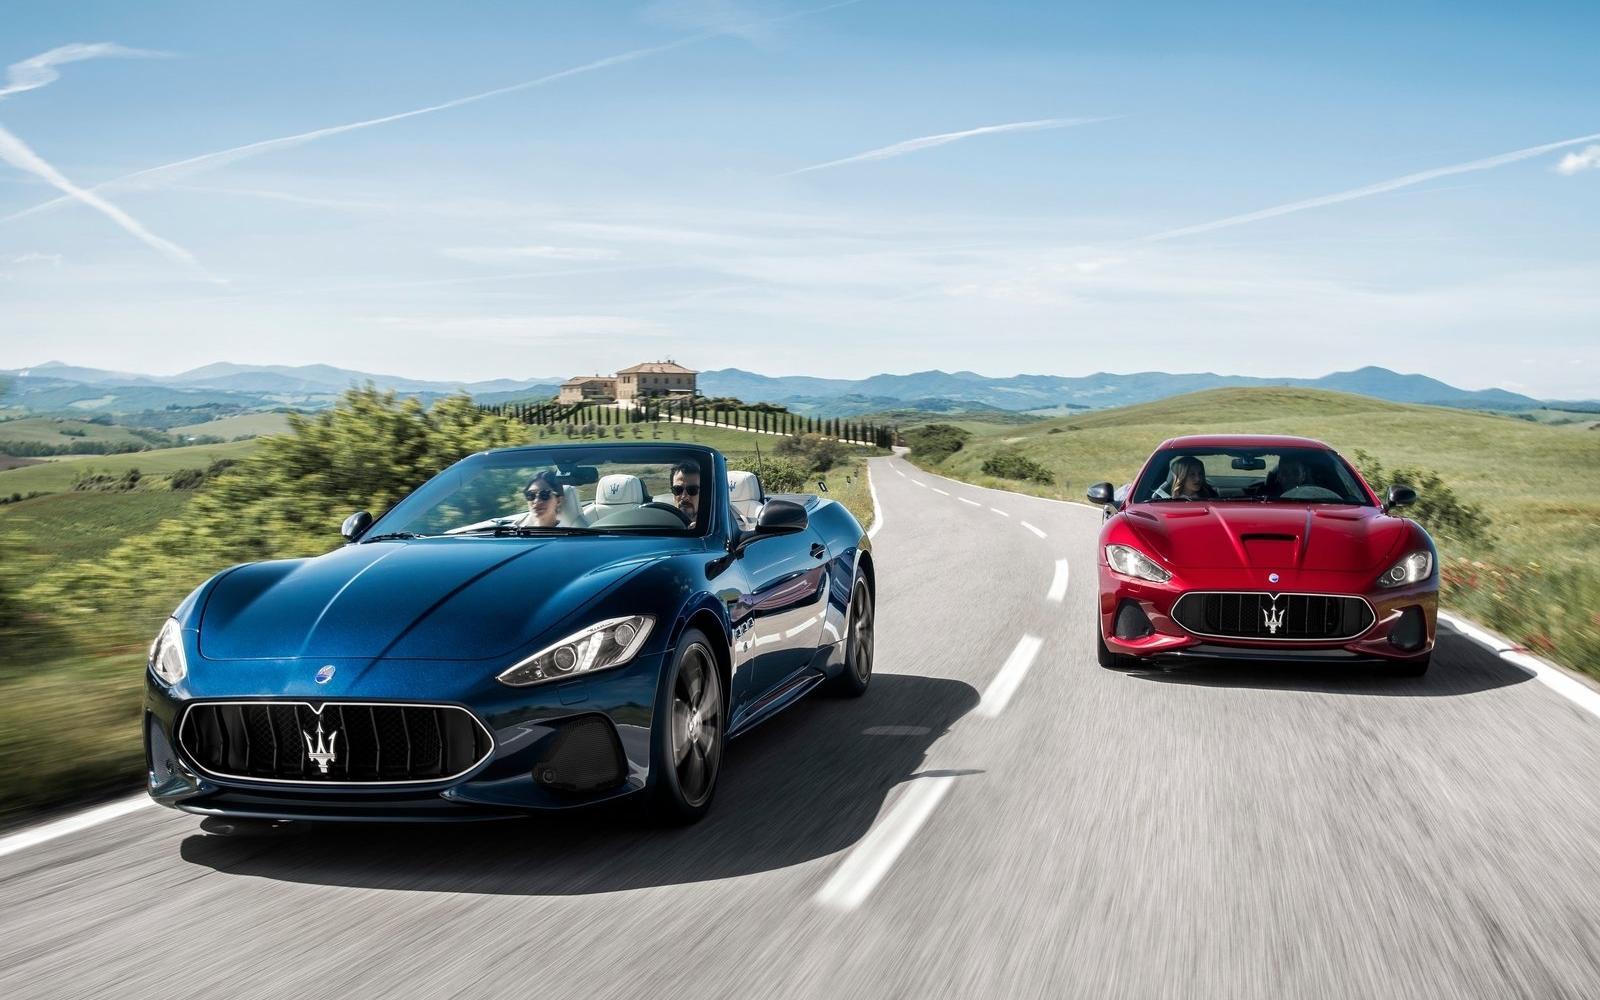 De nieuwe Maserati GranTurismo klinkt voor geen meter